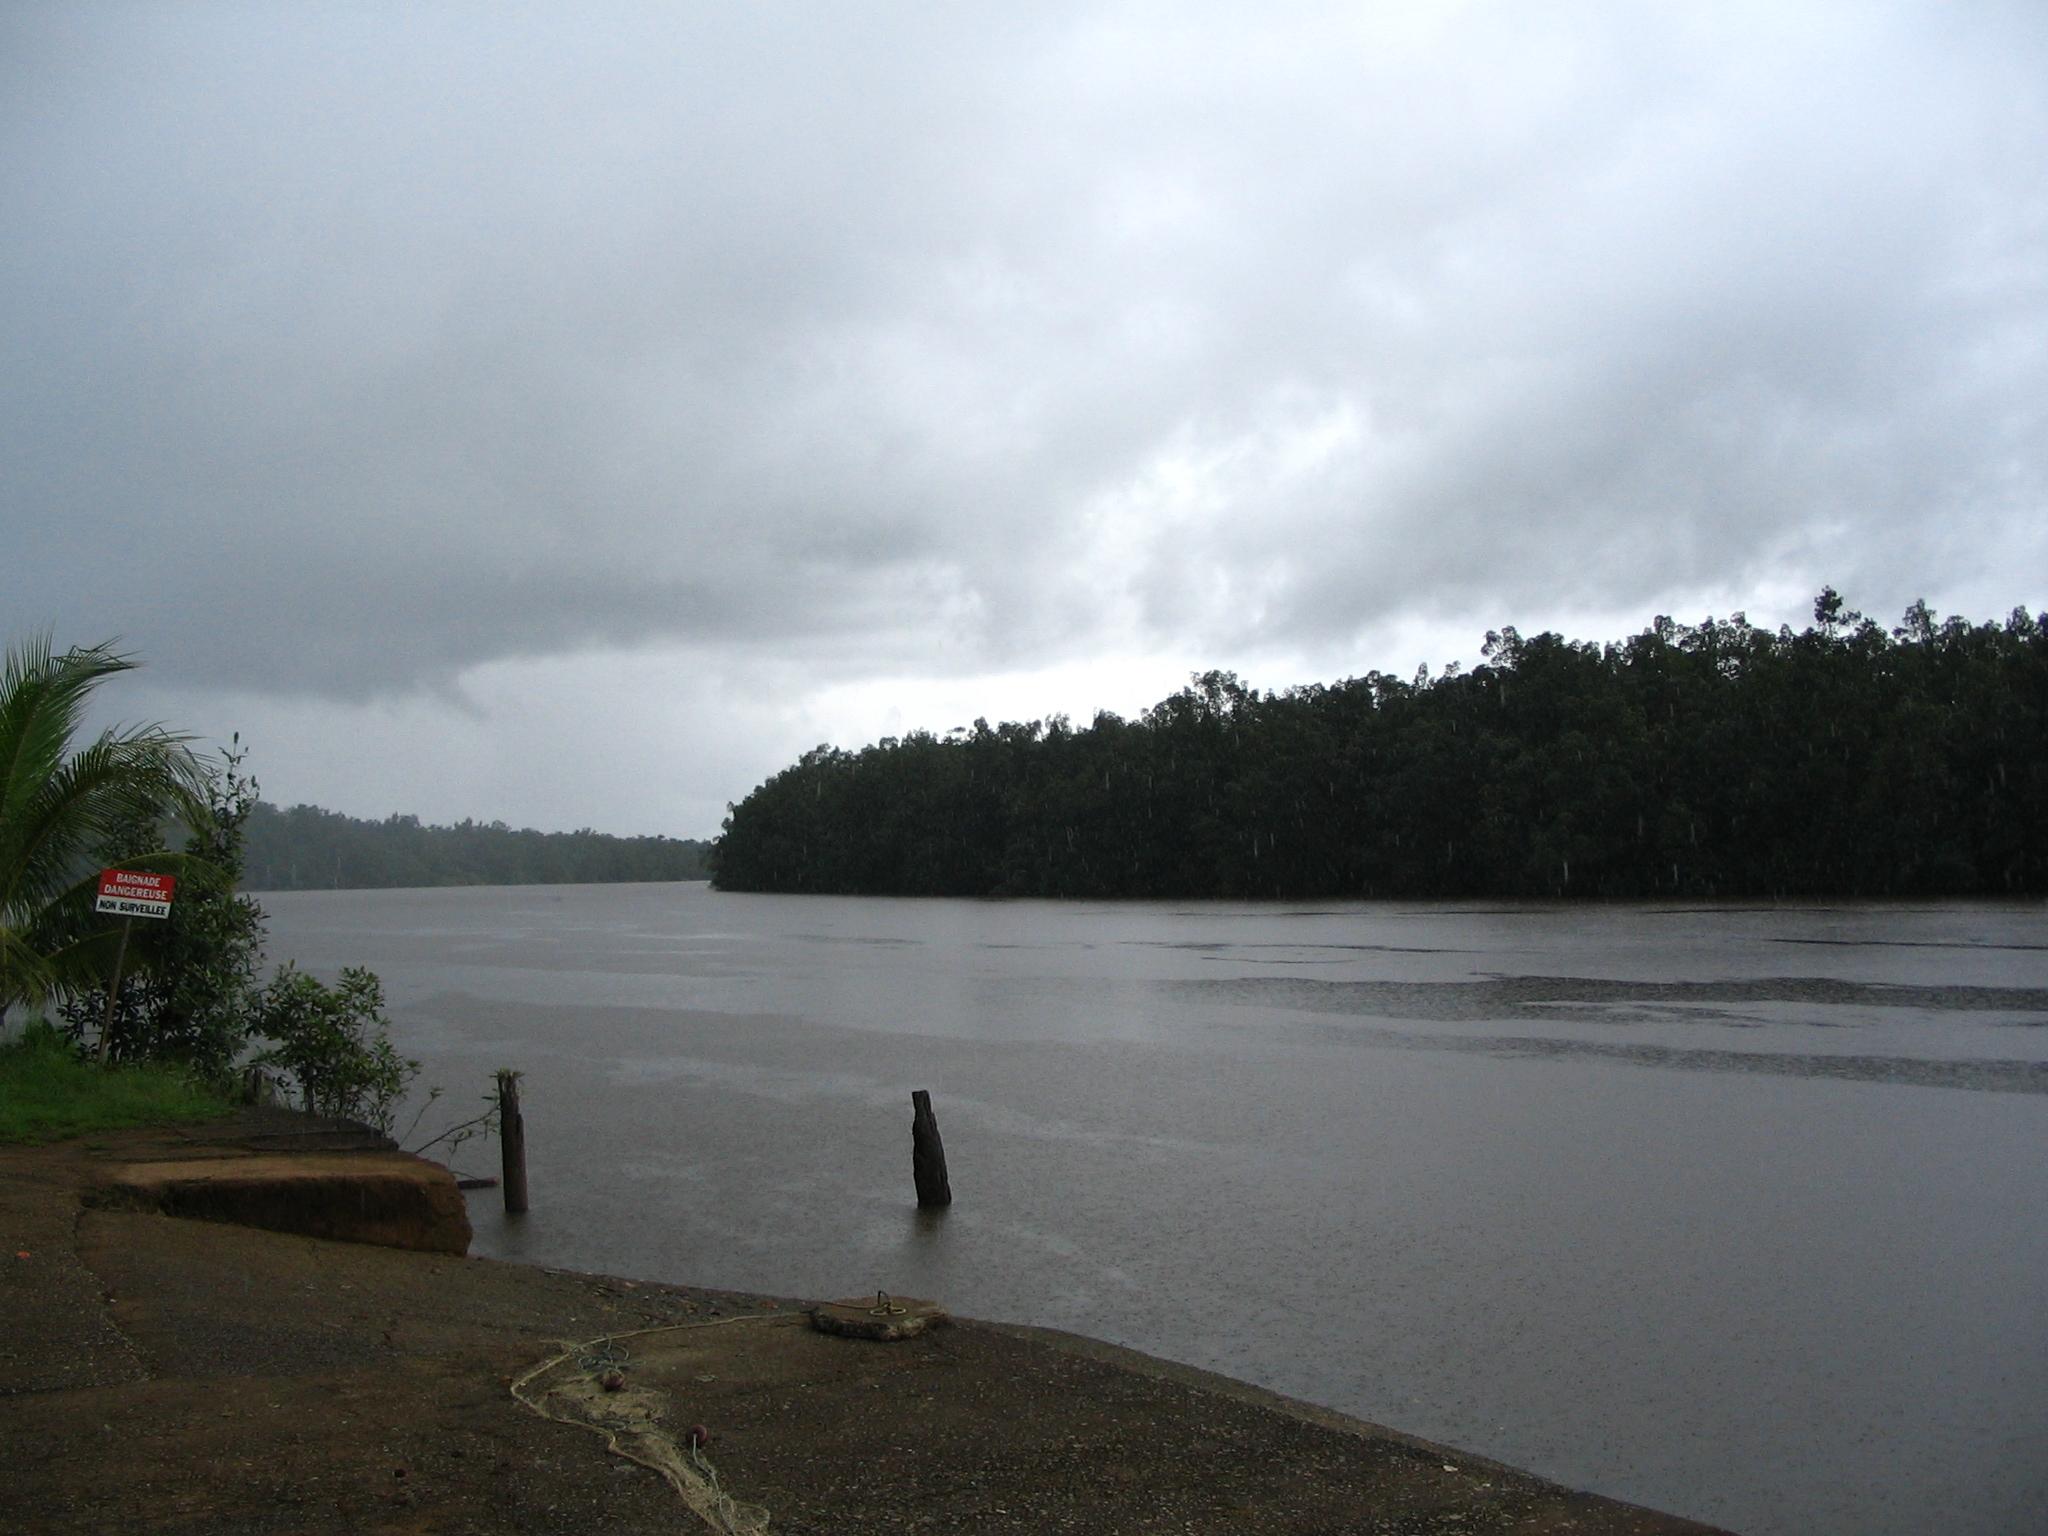 On the rainy river essay